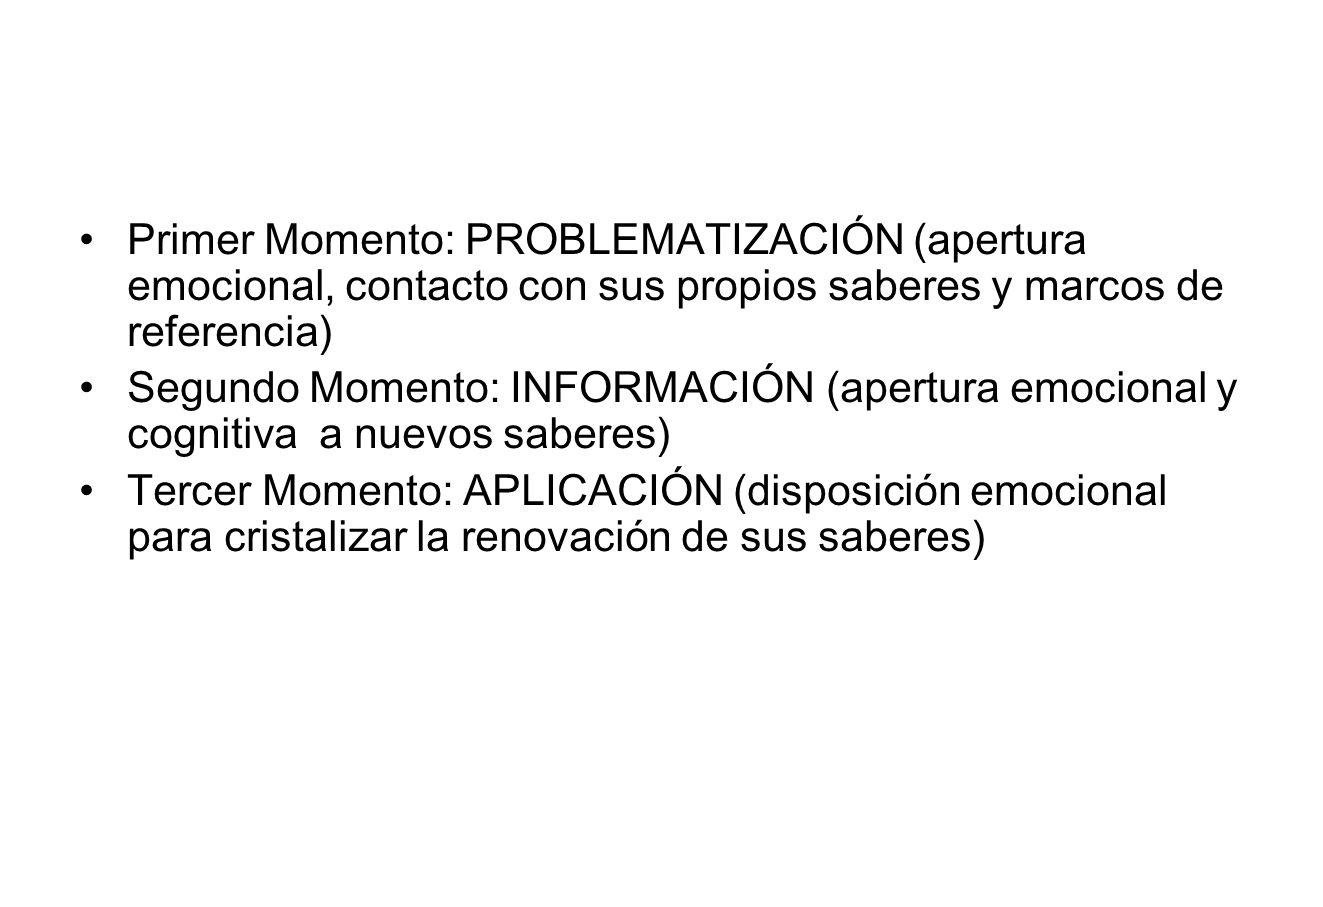 Primer Momento: PROBLEMATIZACIÓN (apertura emocional, contacto con sus propios saberes y marcos de referencia)